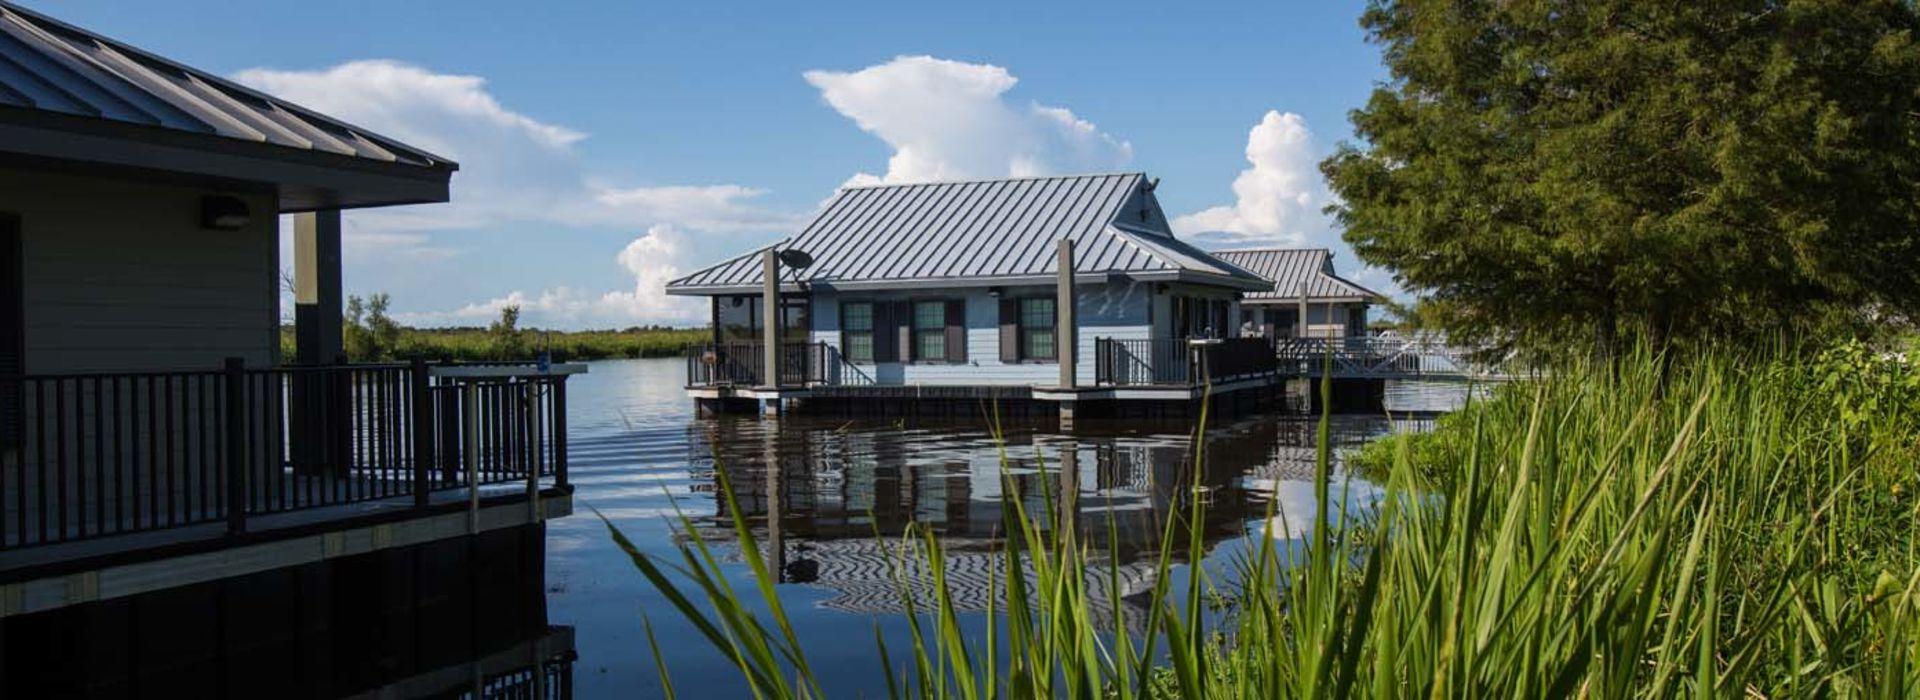 Bayou Segnette Floating Cabin